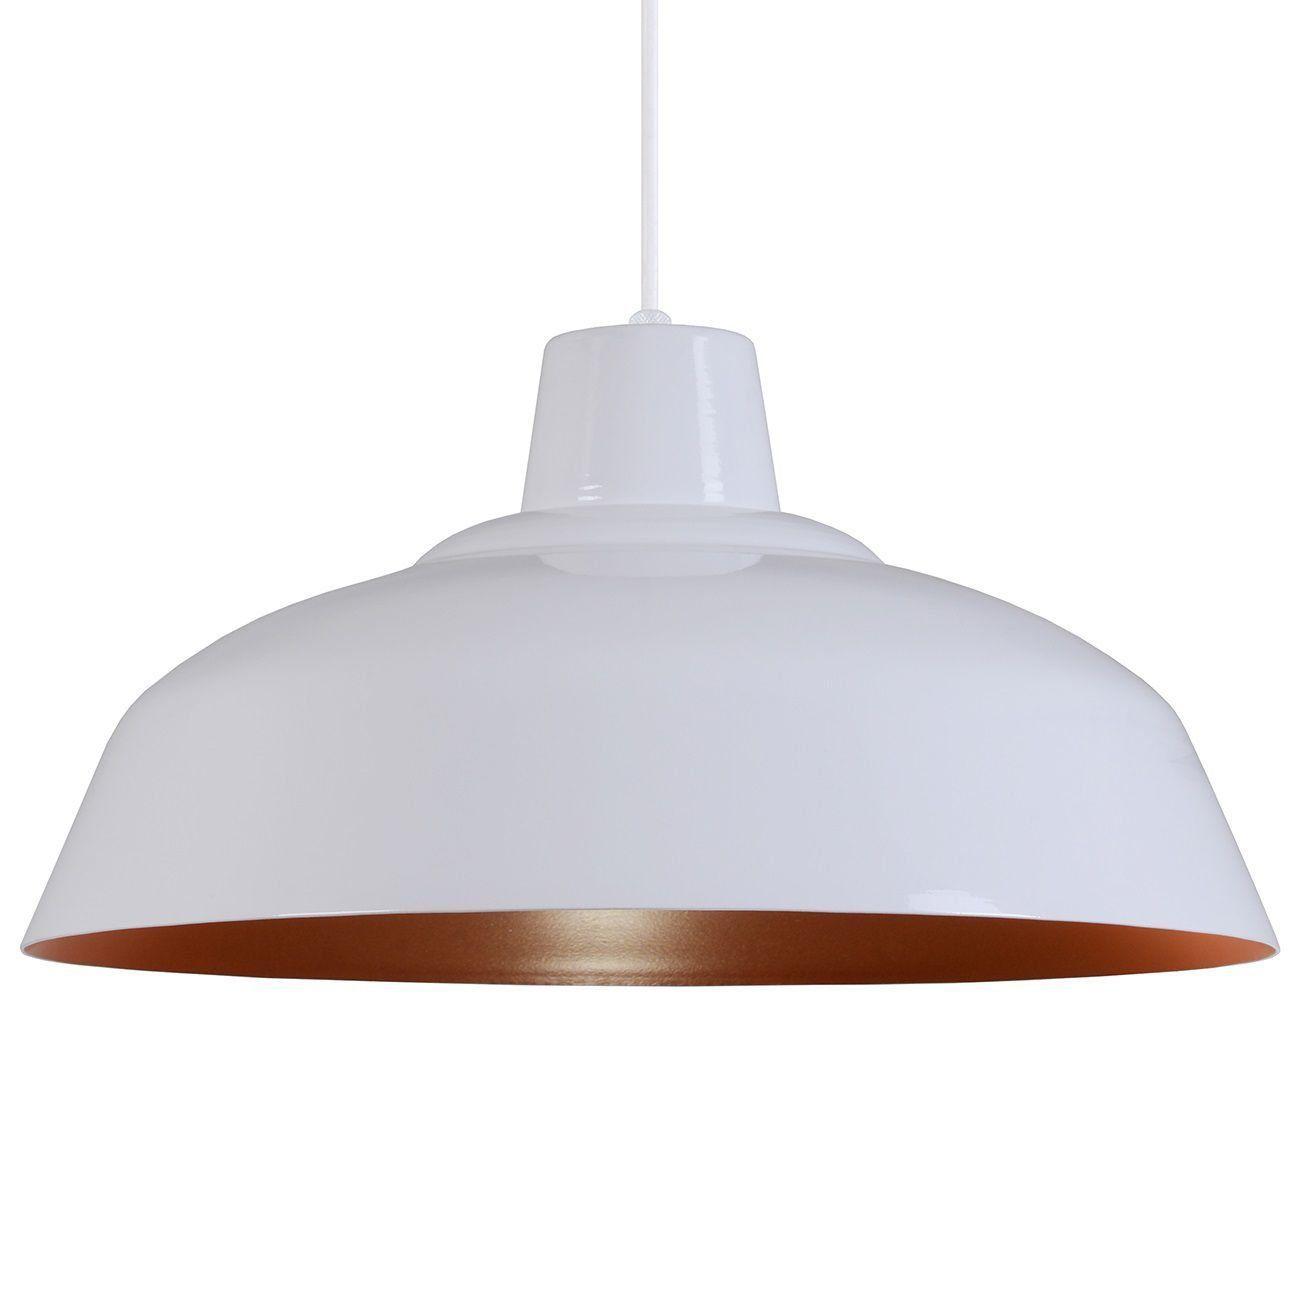 Pendente Retrô 34cm Luminária Lustre Alumínio Branco Brilhante C/ Cobre - Rei Da Iluminação